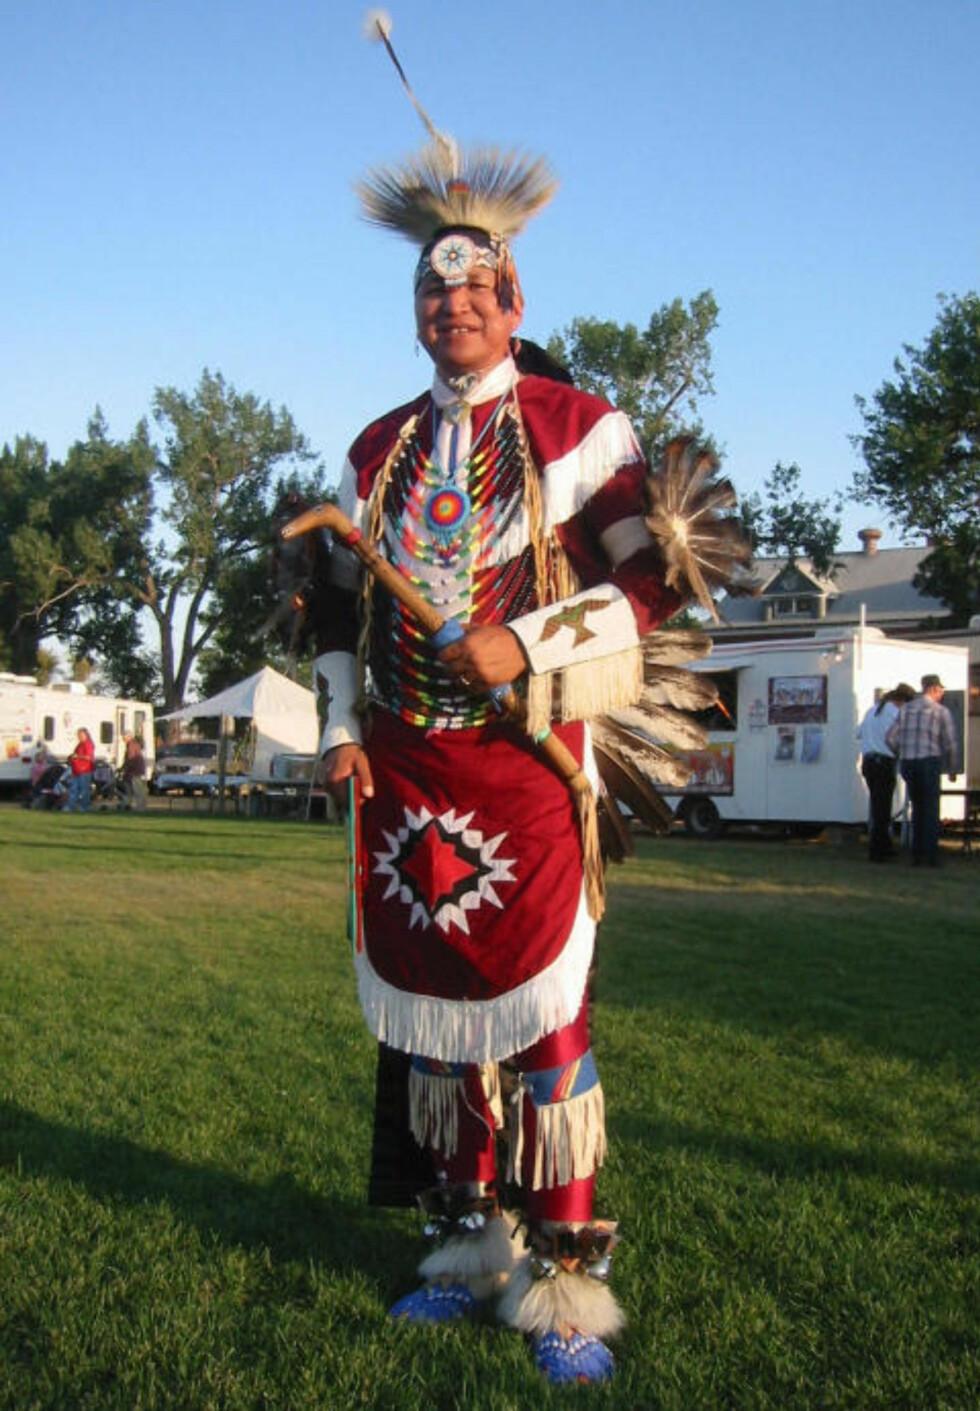 NORD-DAKOTA:  Her kan du lære mer om indianerne i USA og se dansekonkurranser på Pow Wow festivalen i september. Foto: Kirsten M. Buzzi/Dagbladet